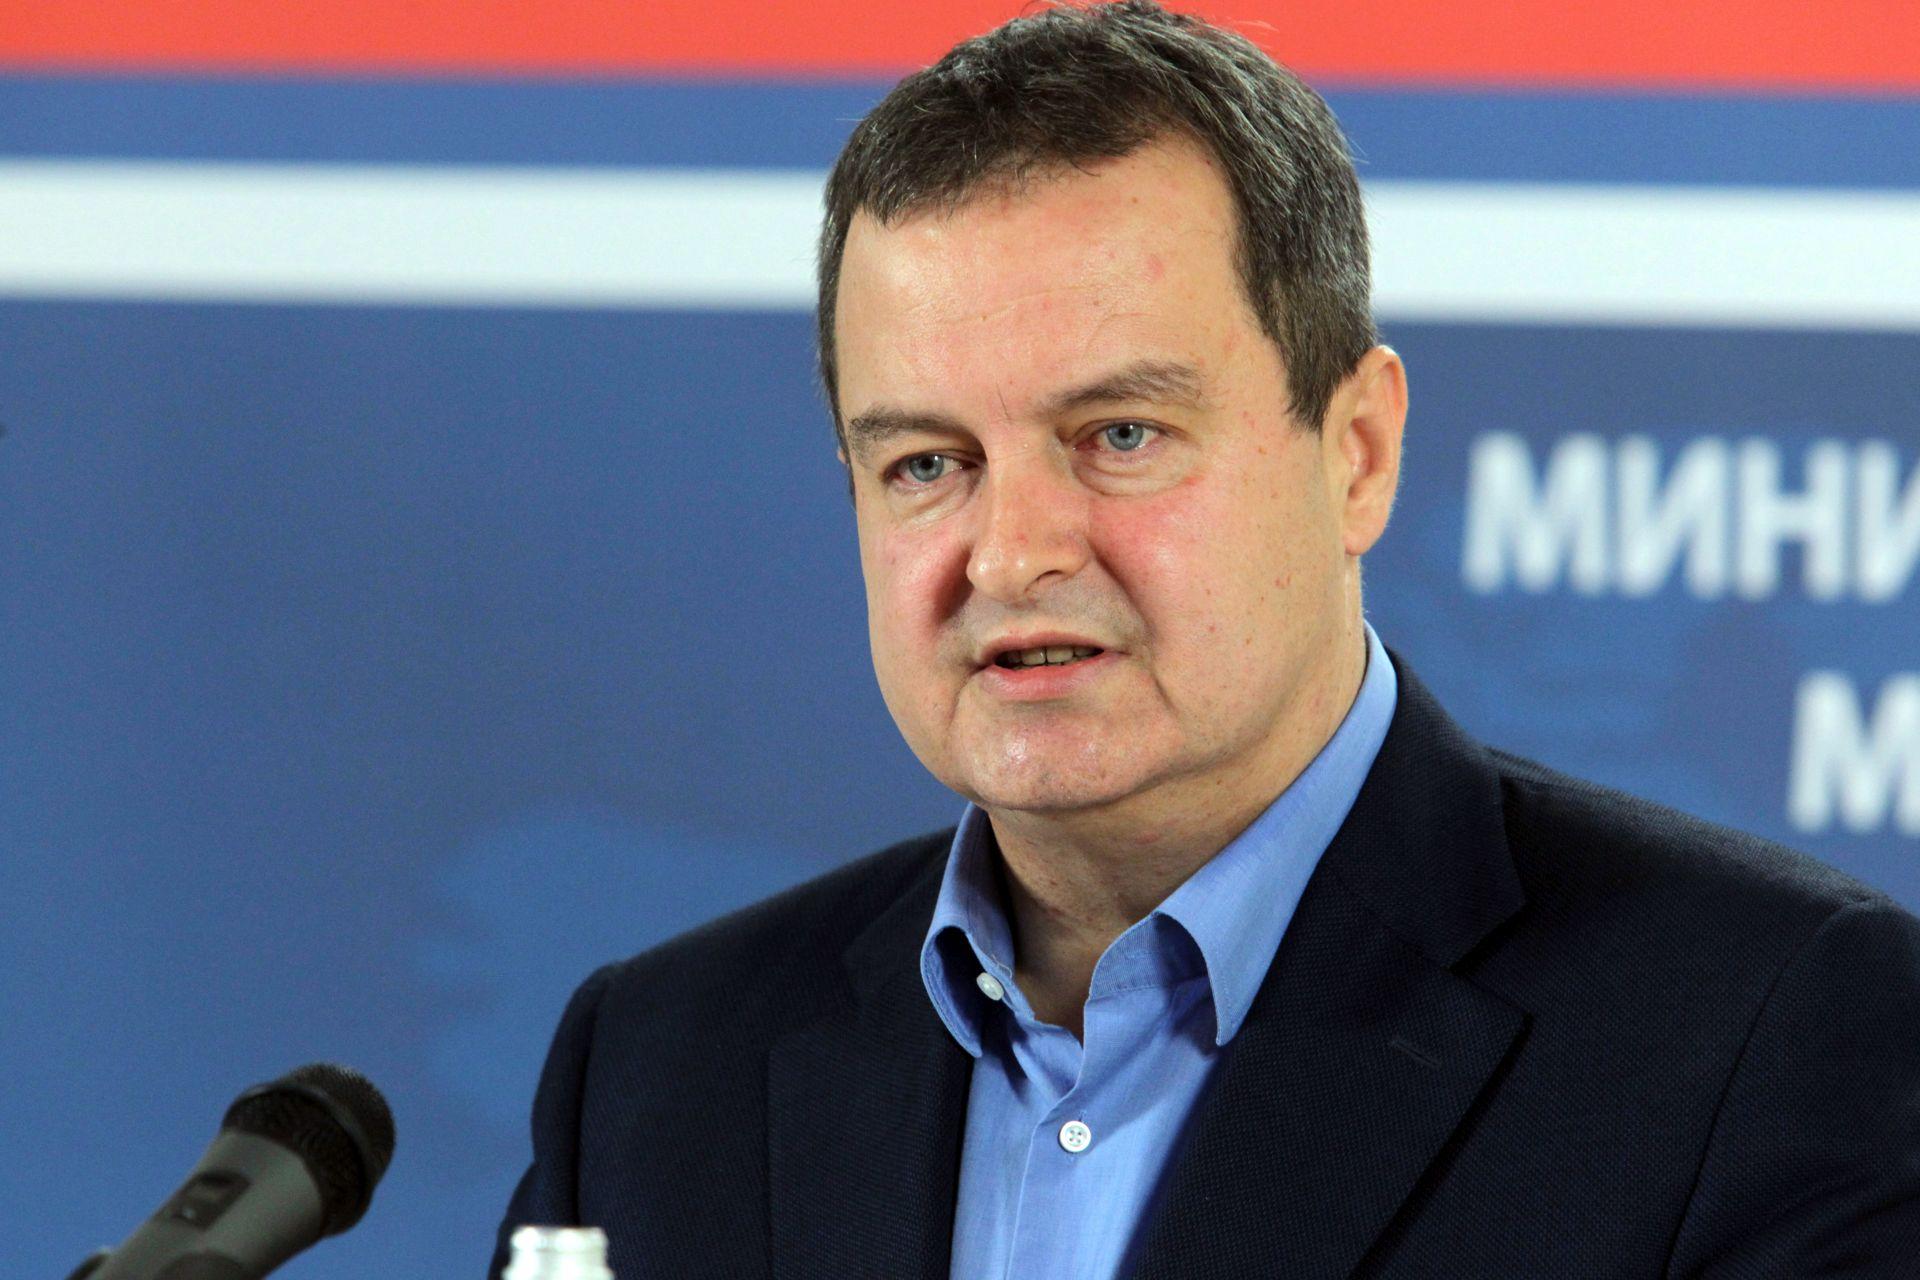 BEOGRAD VELIČA TERORISTA Hrvatska odbacila prosvjed Srba zbog majora bivše JNA